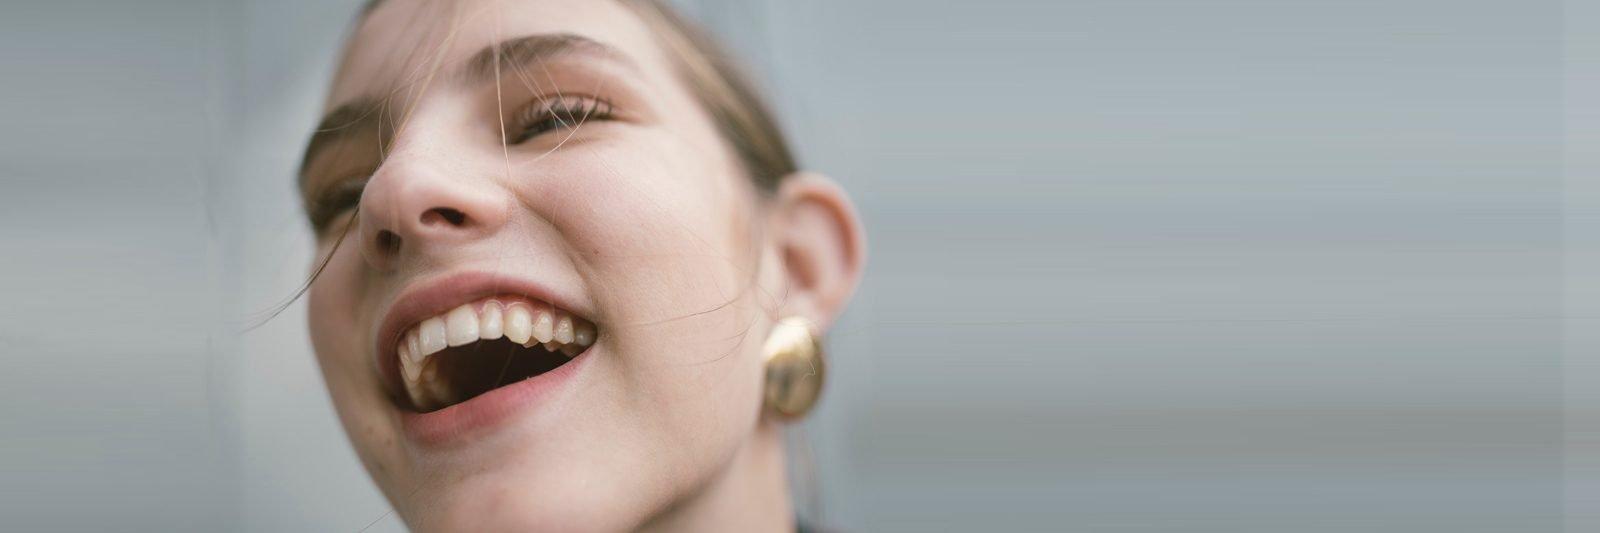 Tandproteser kan udformes til at ligne ægte tænder